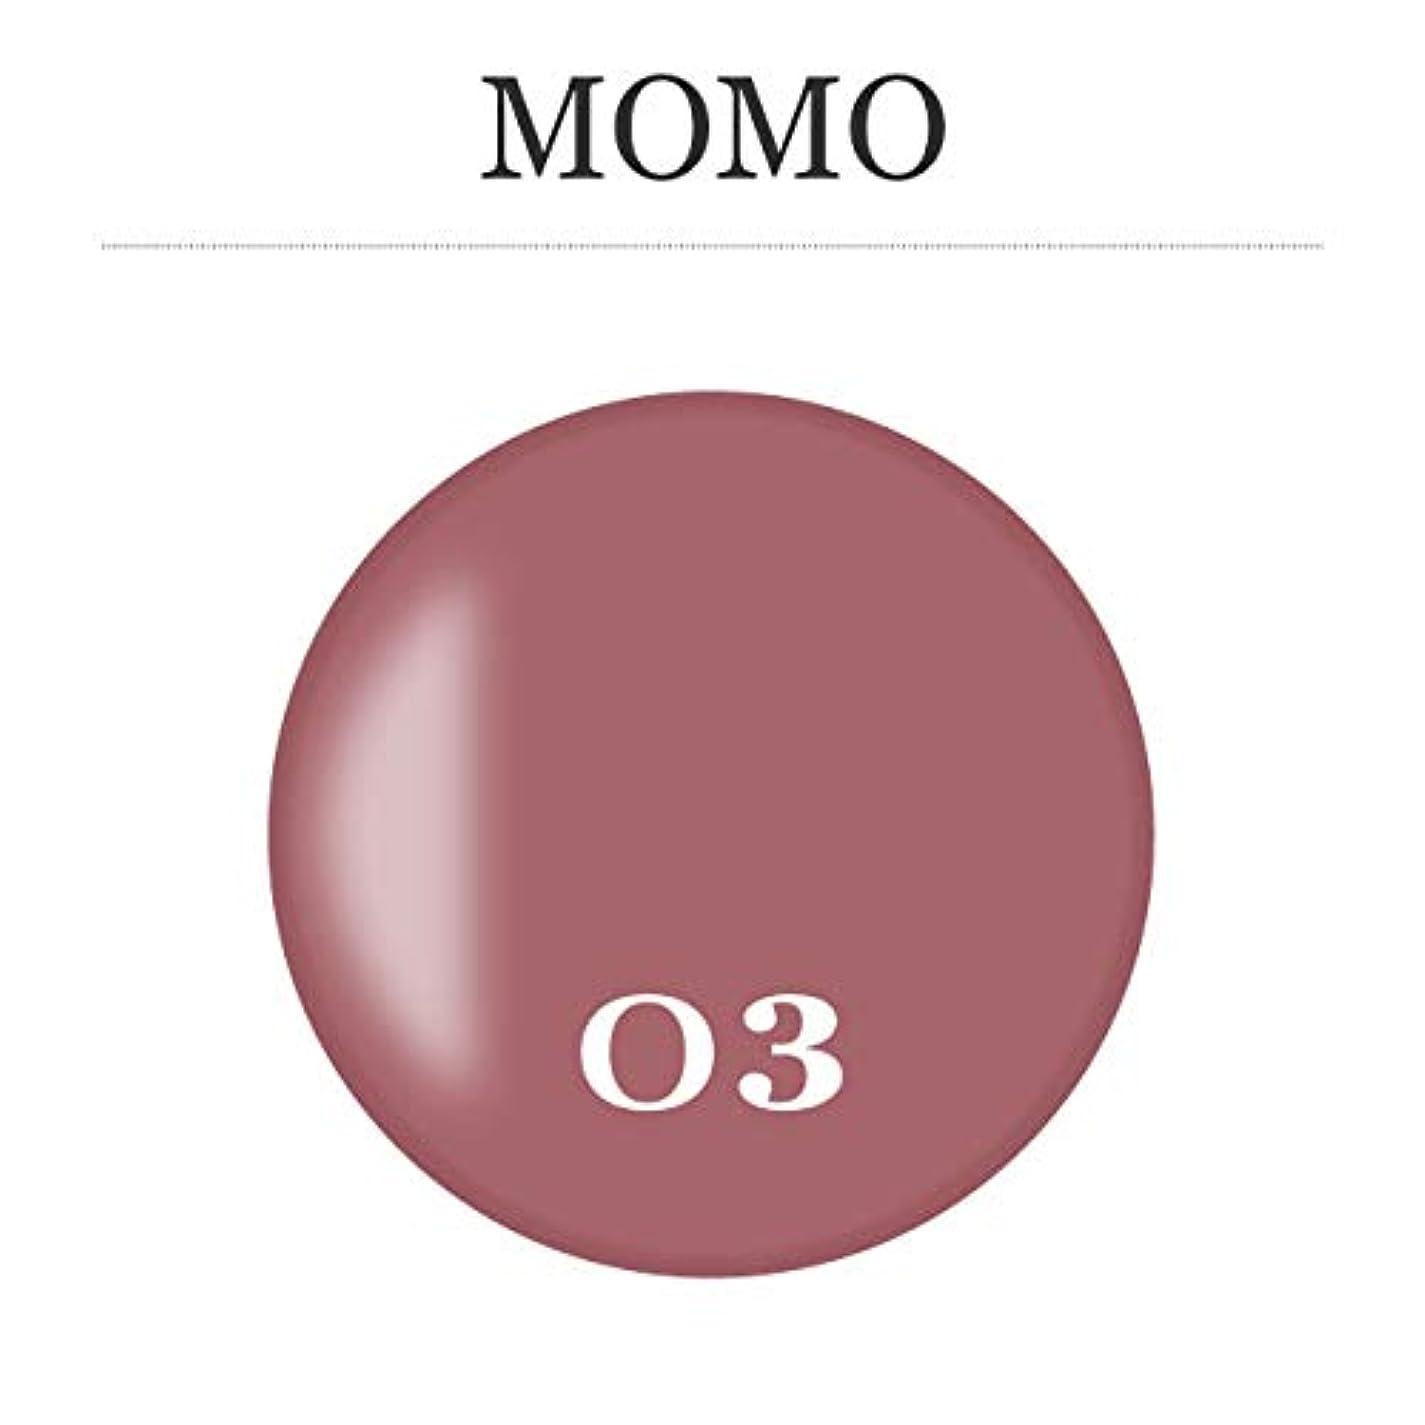 ソブリケットロードされたプレビスサイトカラージェル MOMO-03 by nail for all